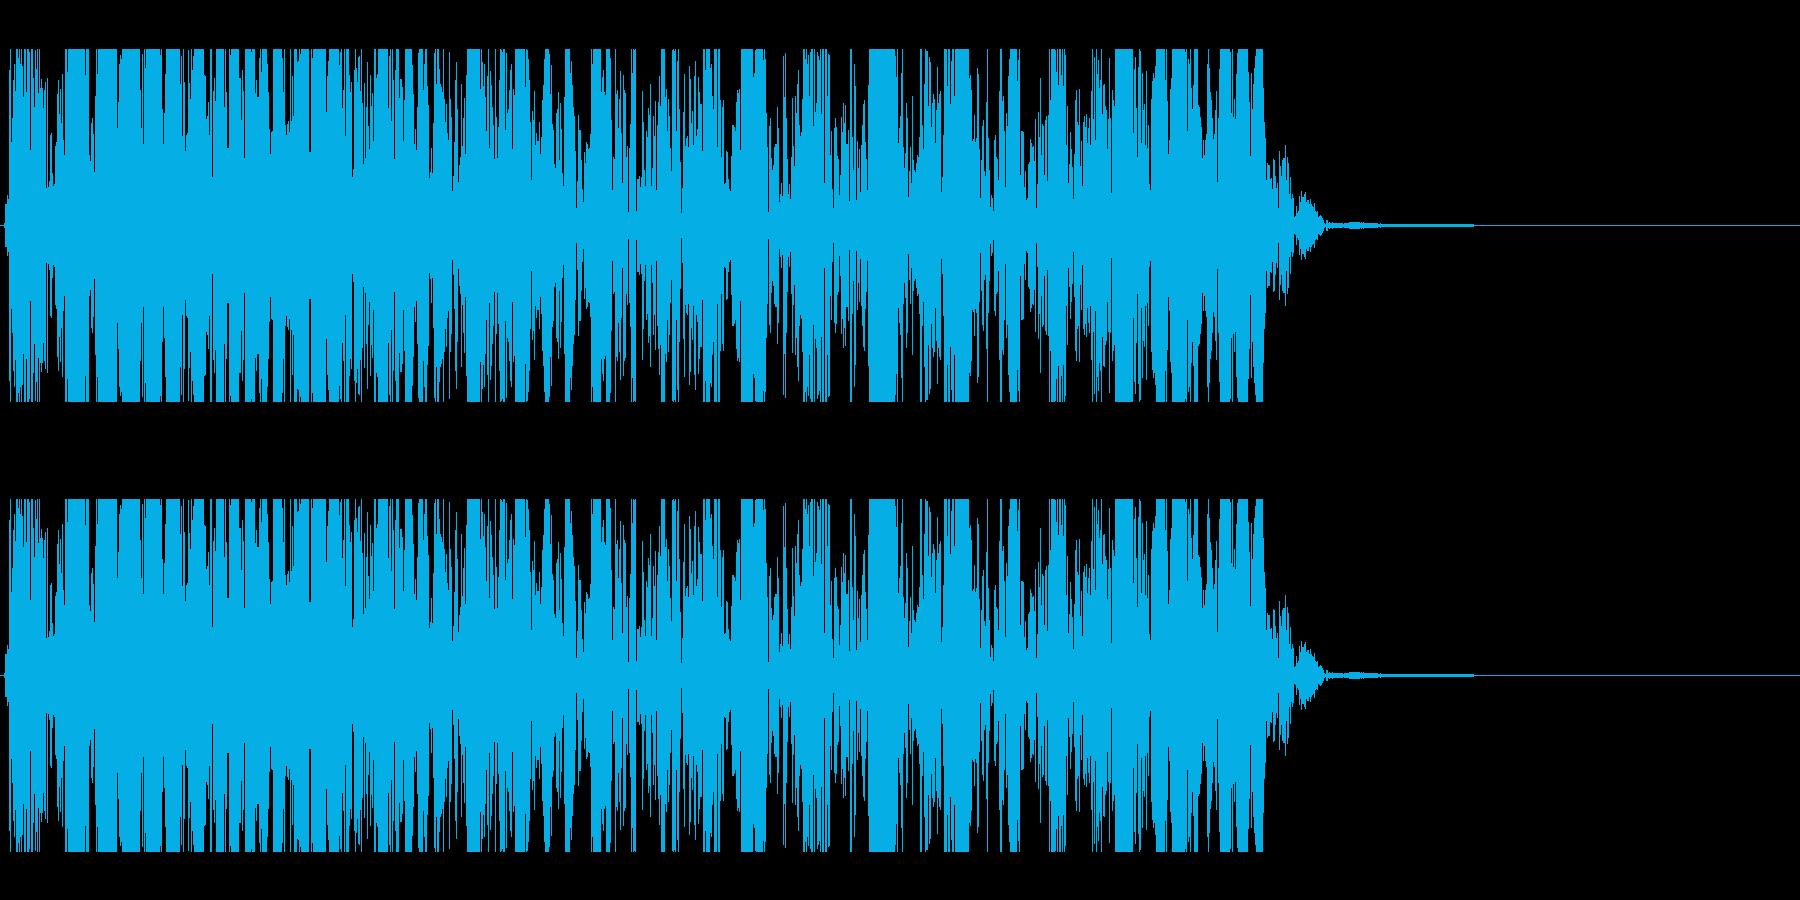 ズバッと斬る_09(刀・刺す・斬撃系)の再生済みの波形